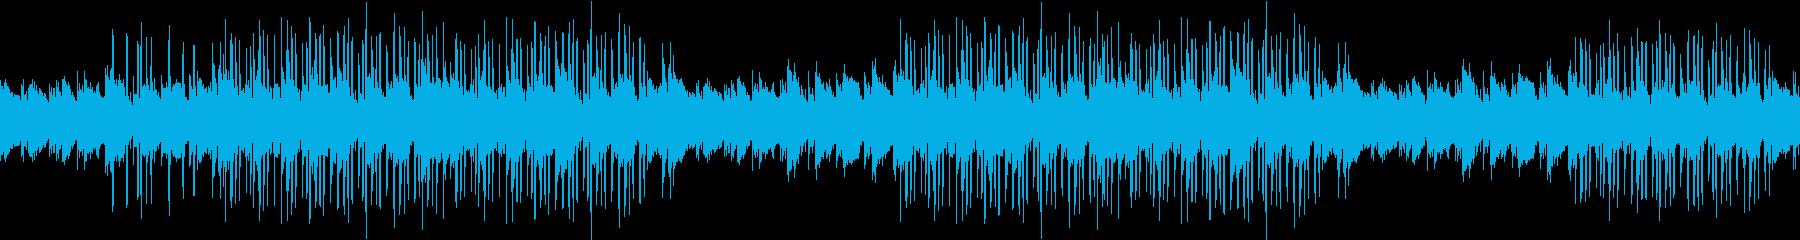 夜・ピアノ・綺麗・お洒落・感動・メロウの再生済みの波形